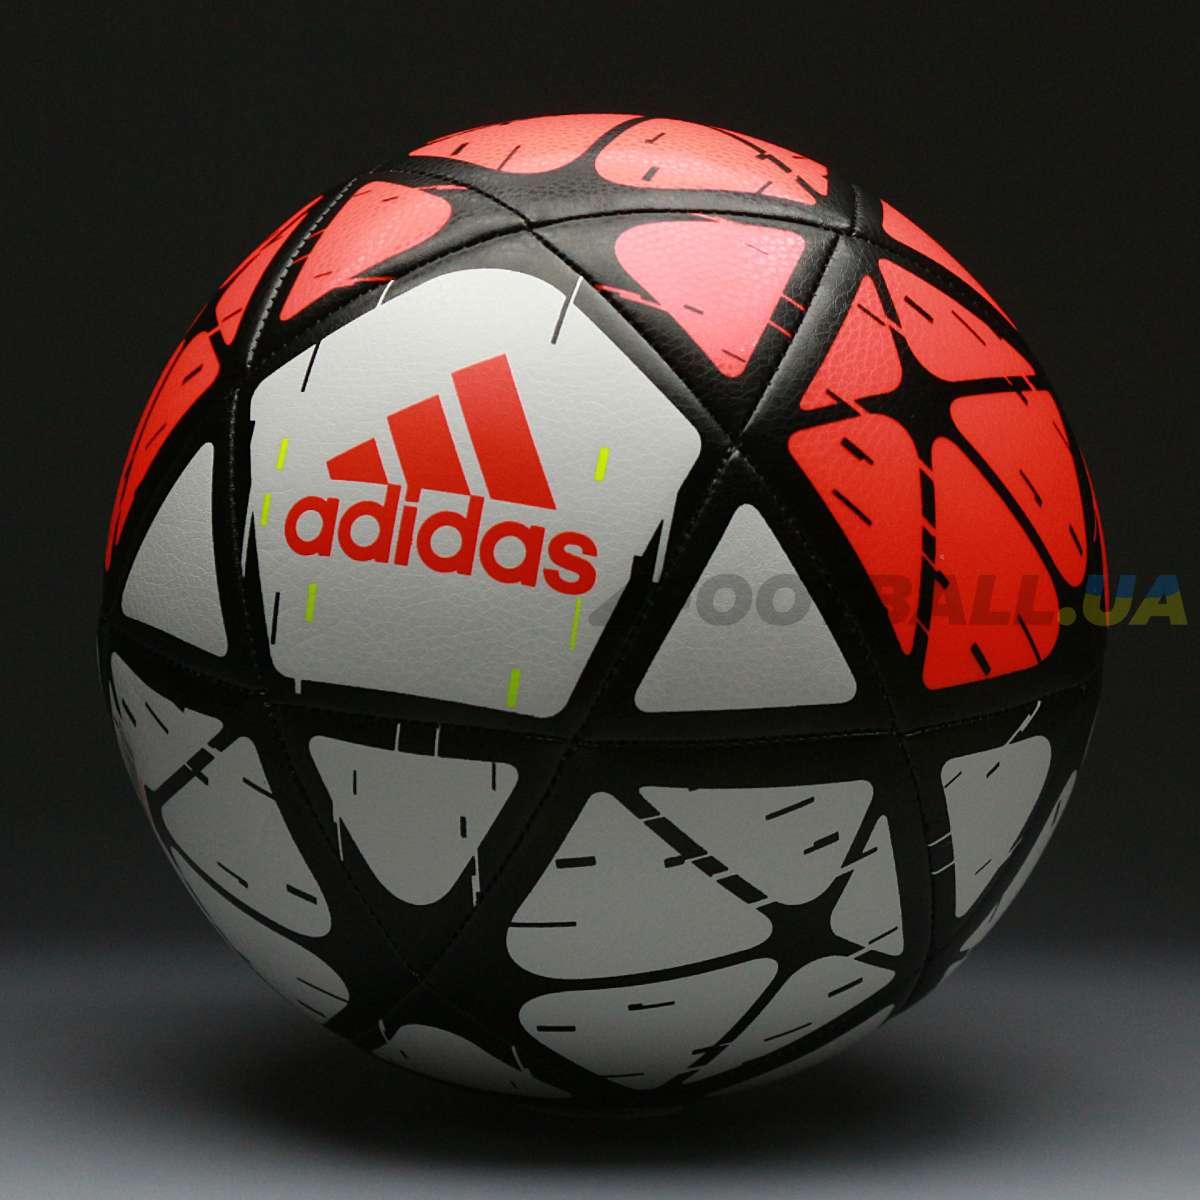 ... Футбольный Мяч Adidas Glider CW4169 №5 6 36d28c7b4023a